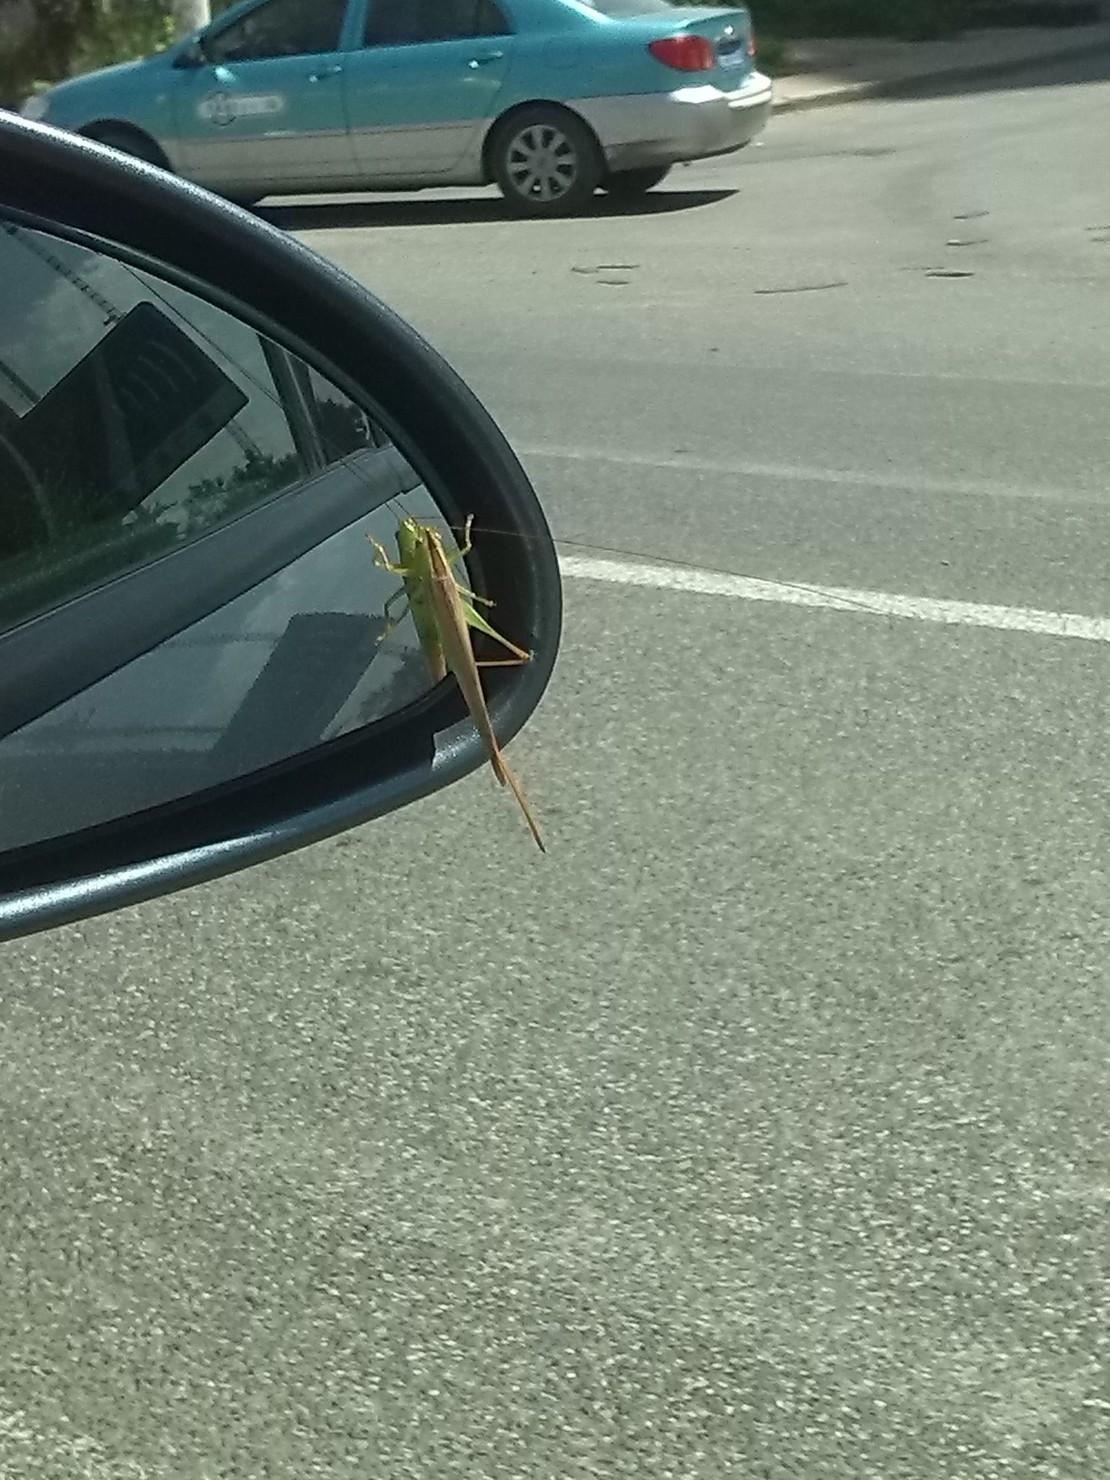 小虫你居然搭顺风车……